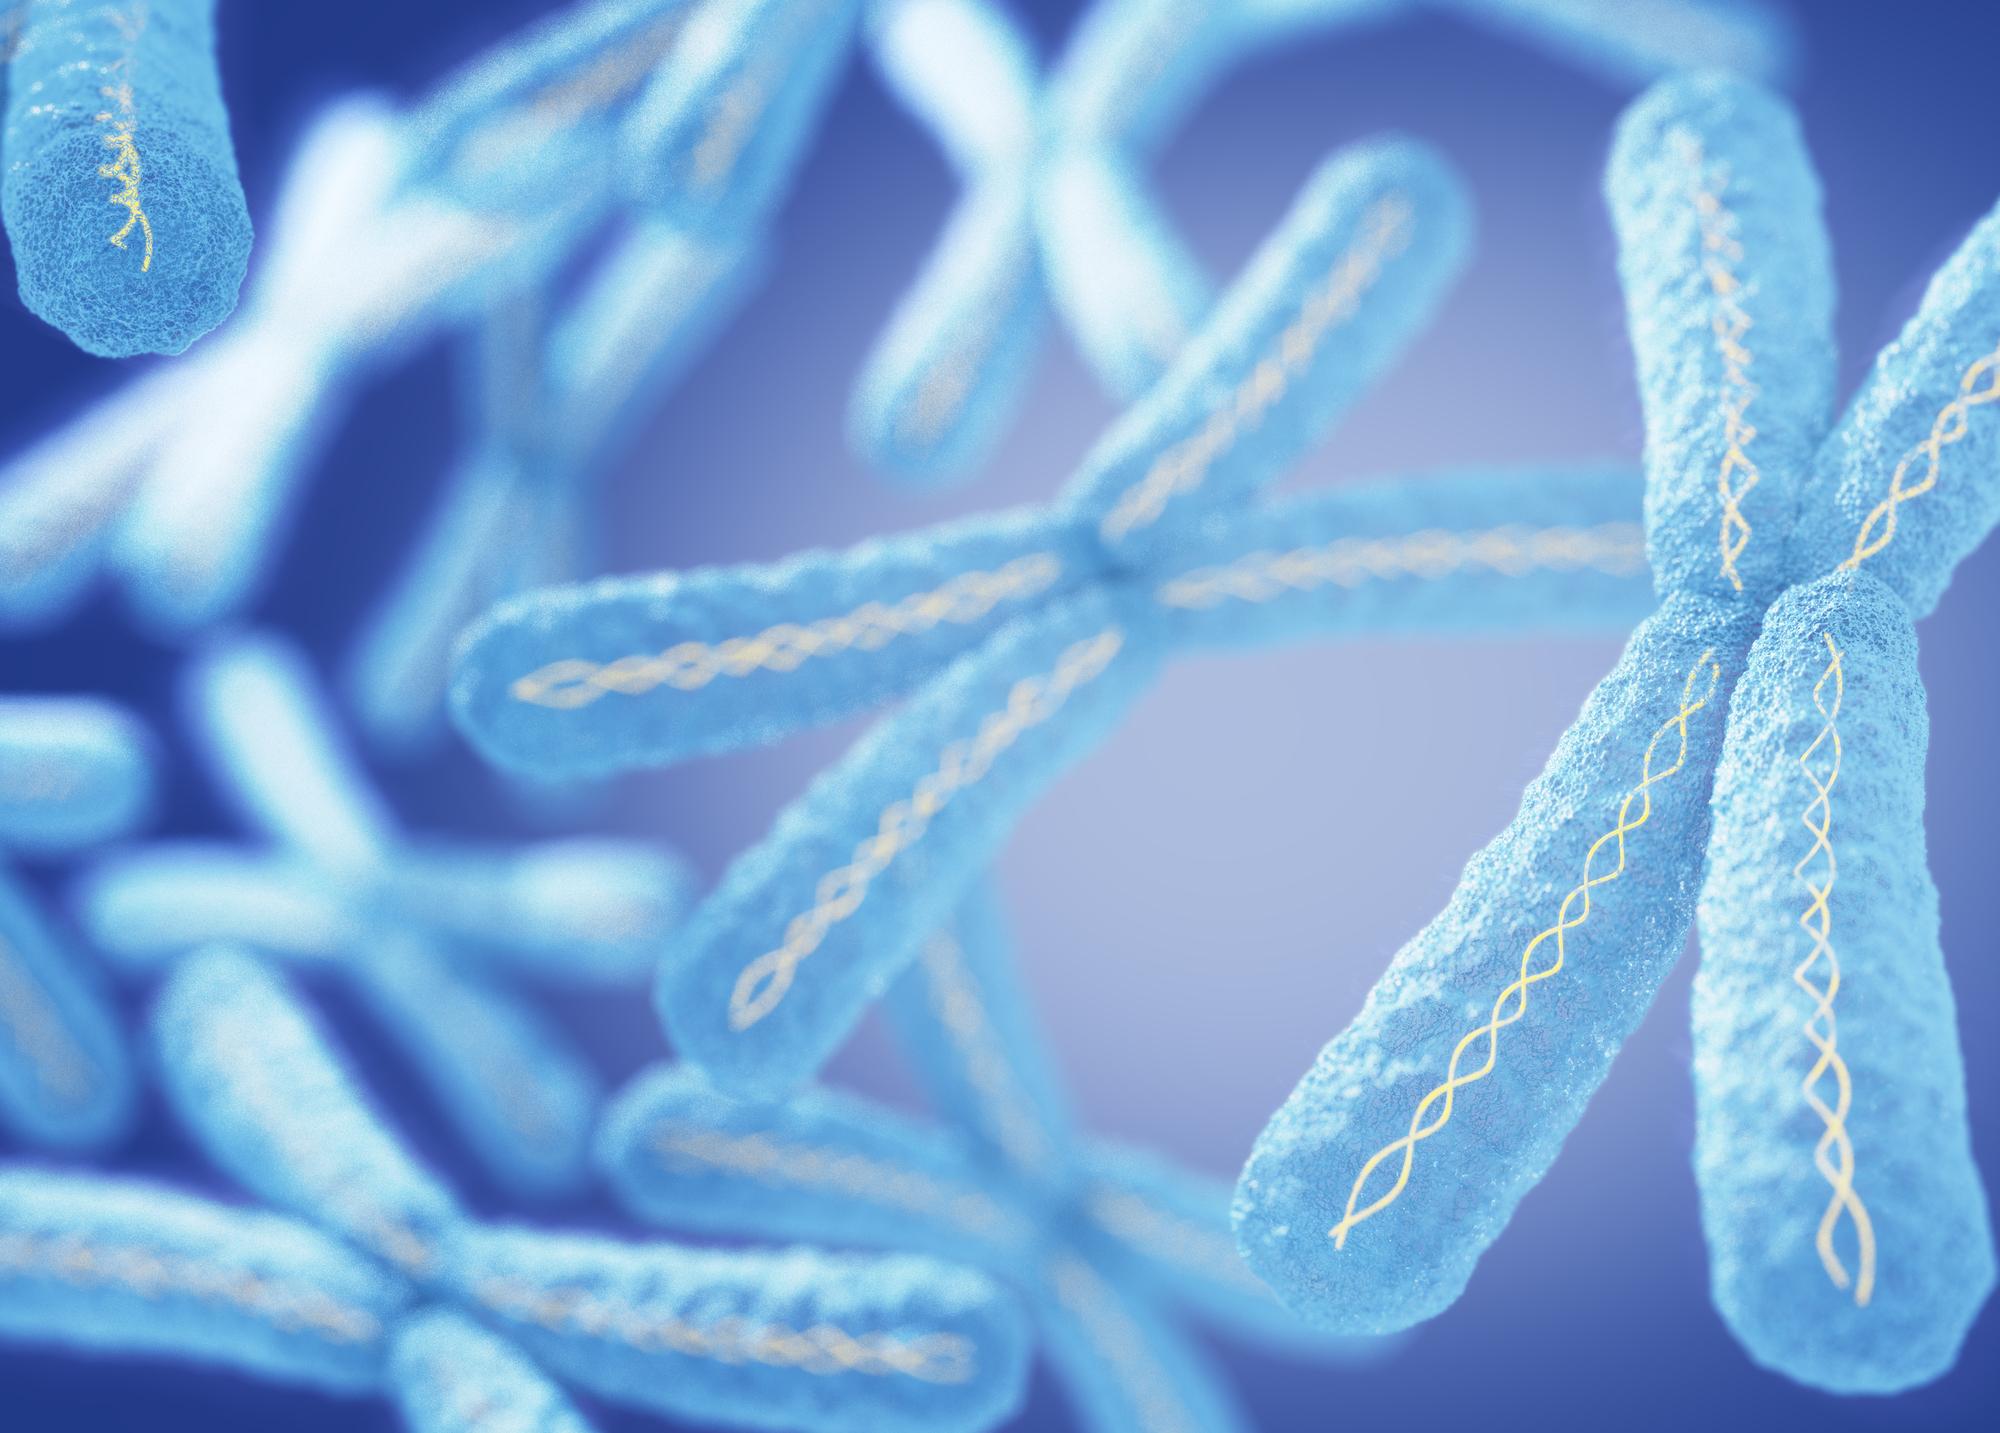 """Вхромосомах вочень плотном виде упакована молекула <abbr lang=""""ru"""" title=""""Дезоксирибонуклеиновая кислота"""">ДНК</abbr>."""